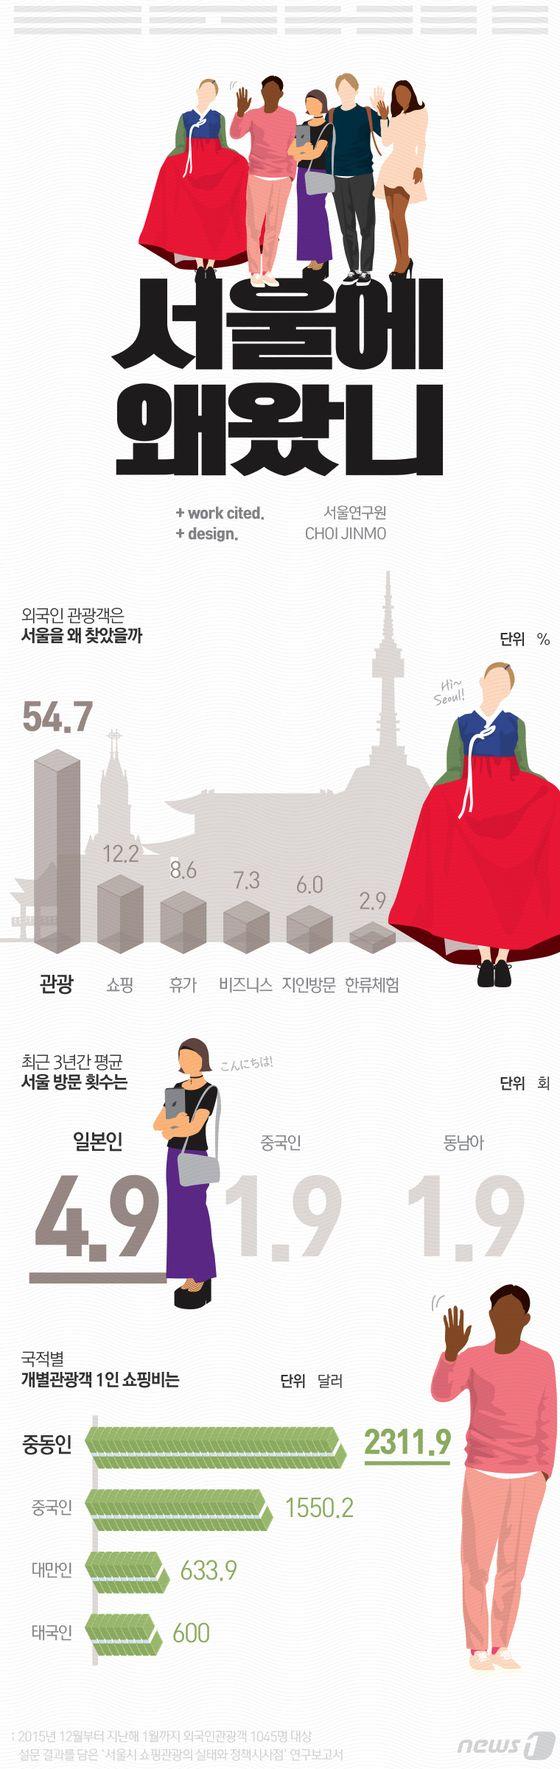 [그래픽뉴스] 서울에 온 외국인 관광객